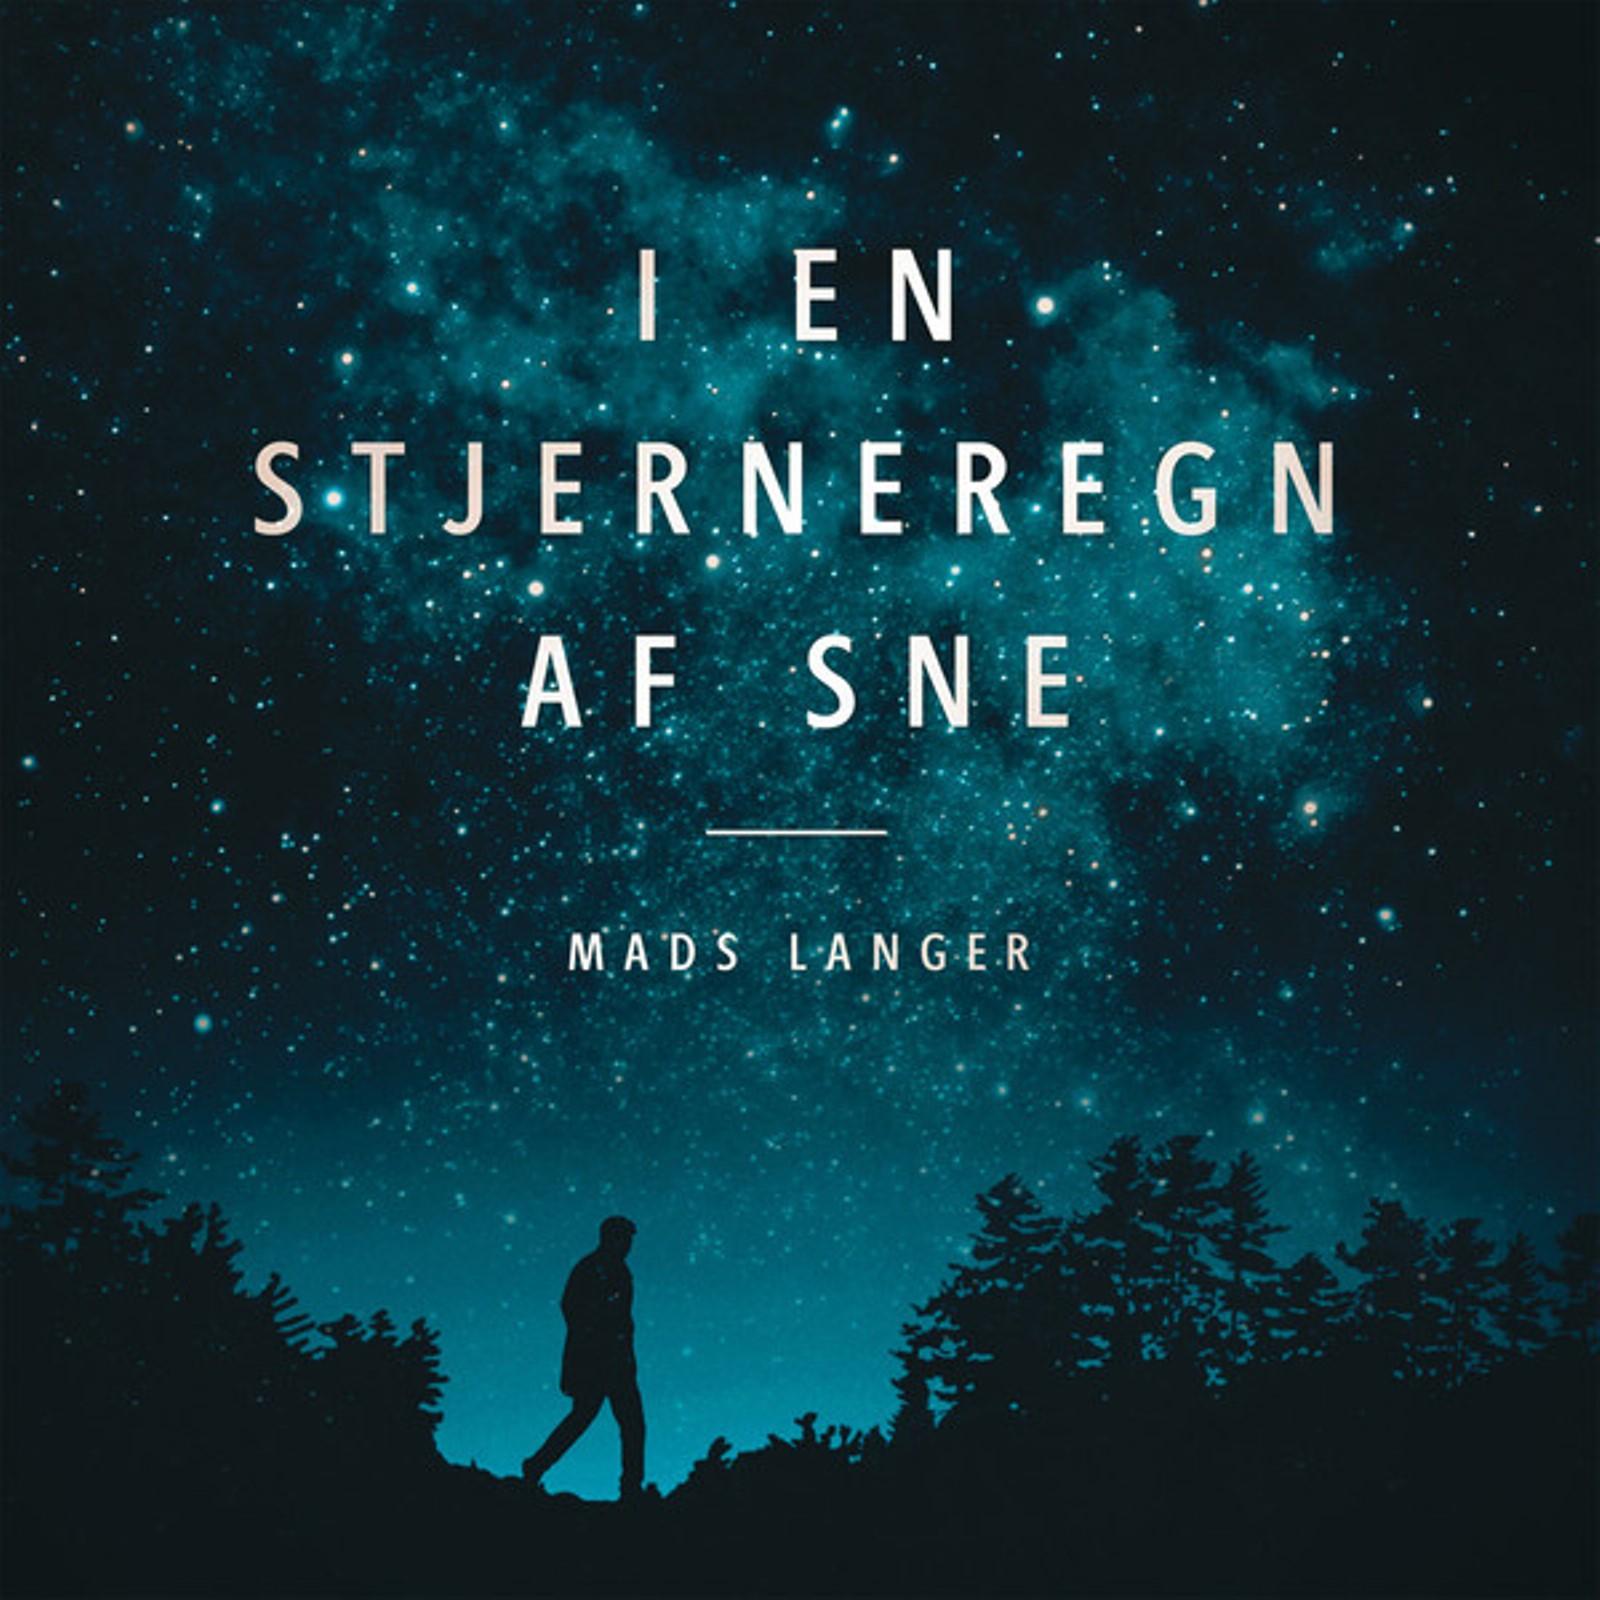 Mads Langer I En Stjerneregn Af Sne Cover